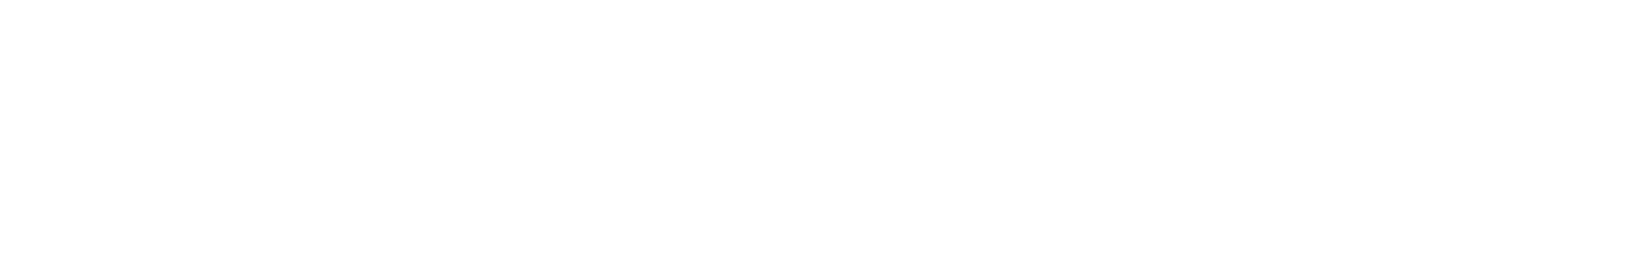 forrester-RGB_logo-1 copy